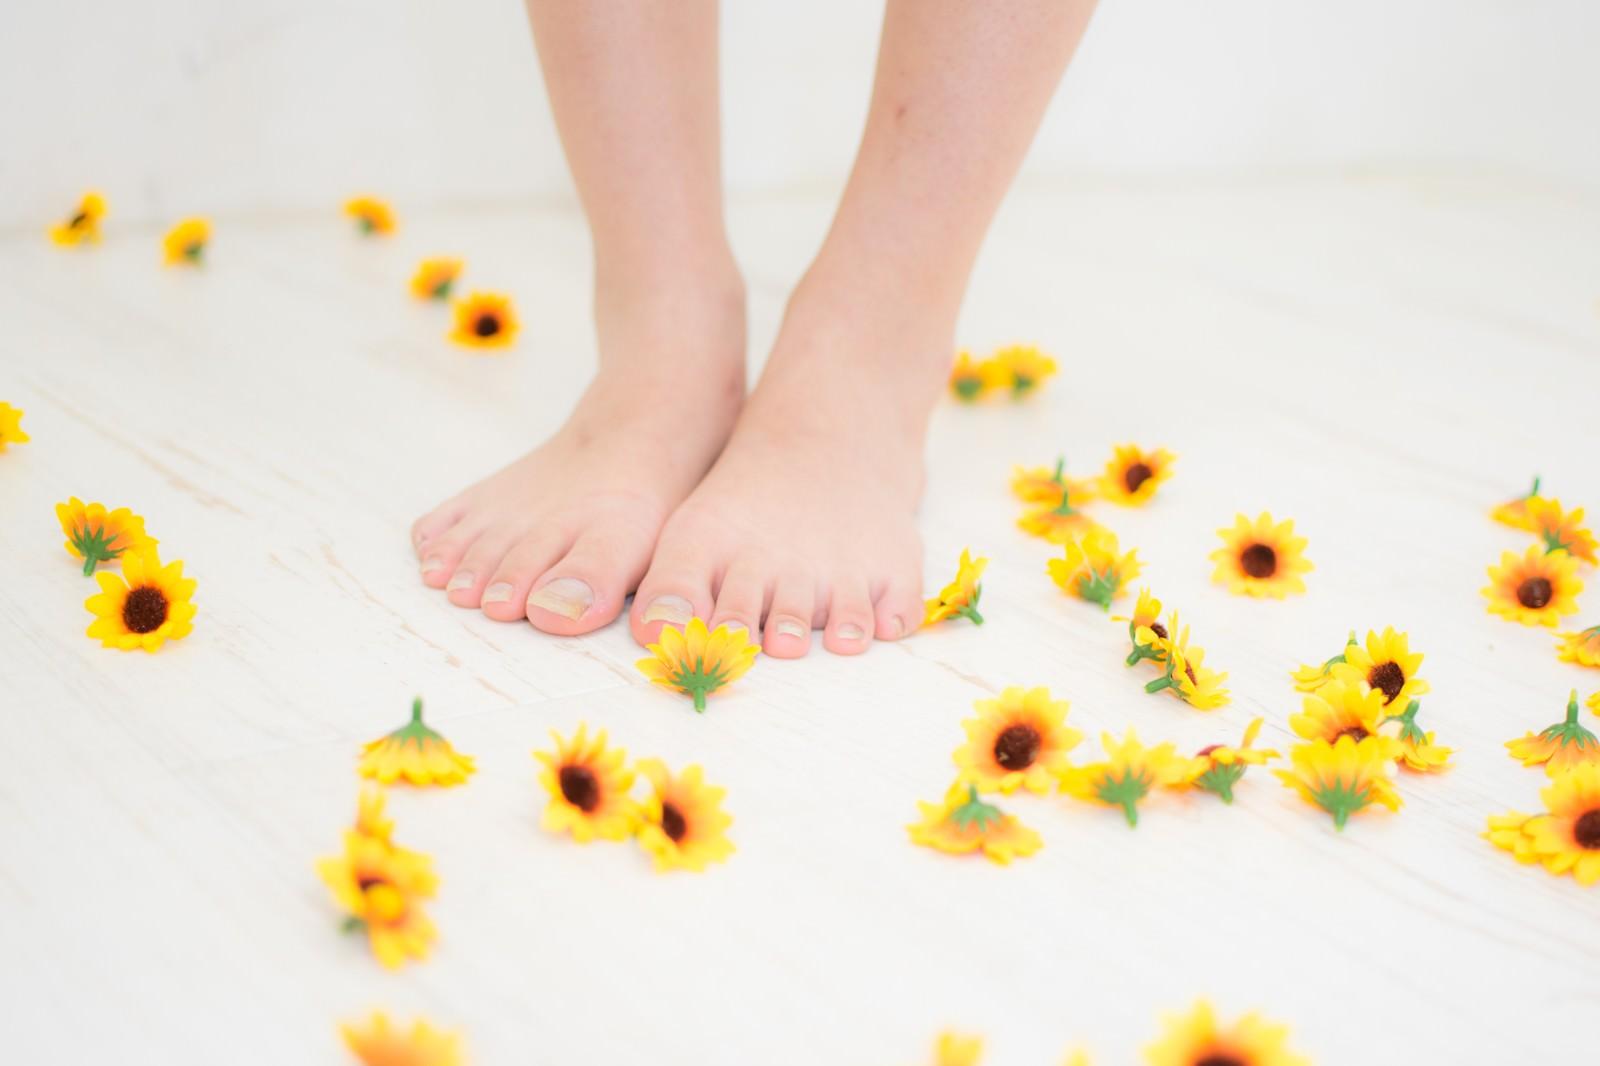 「床に散らばる小さいひまわりのブローチと足元床に散らばる小さいひまわりのブローチと足元」のフリー写真素材を拡大